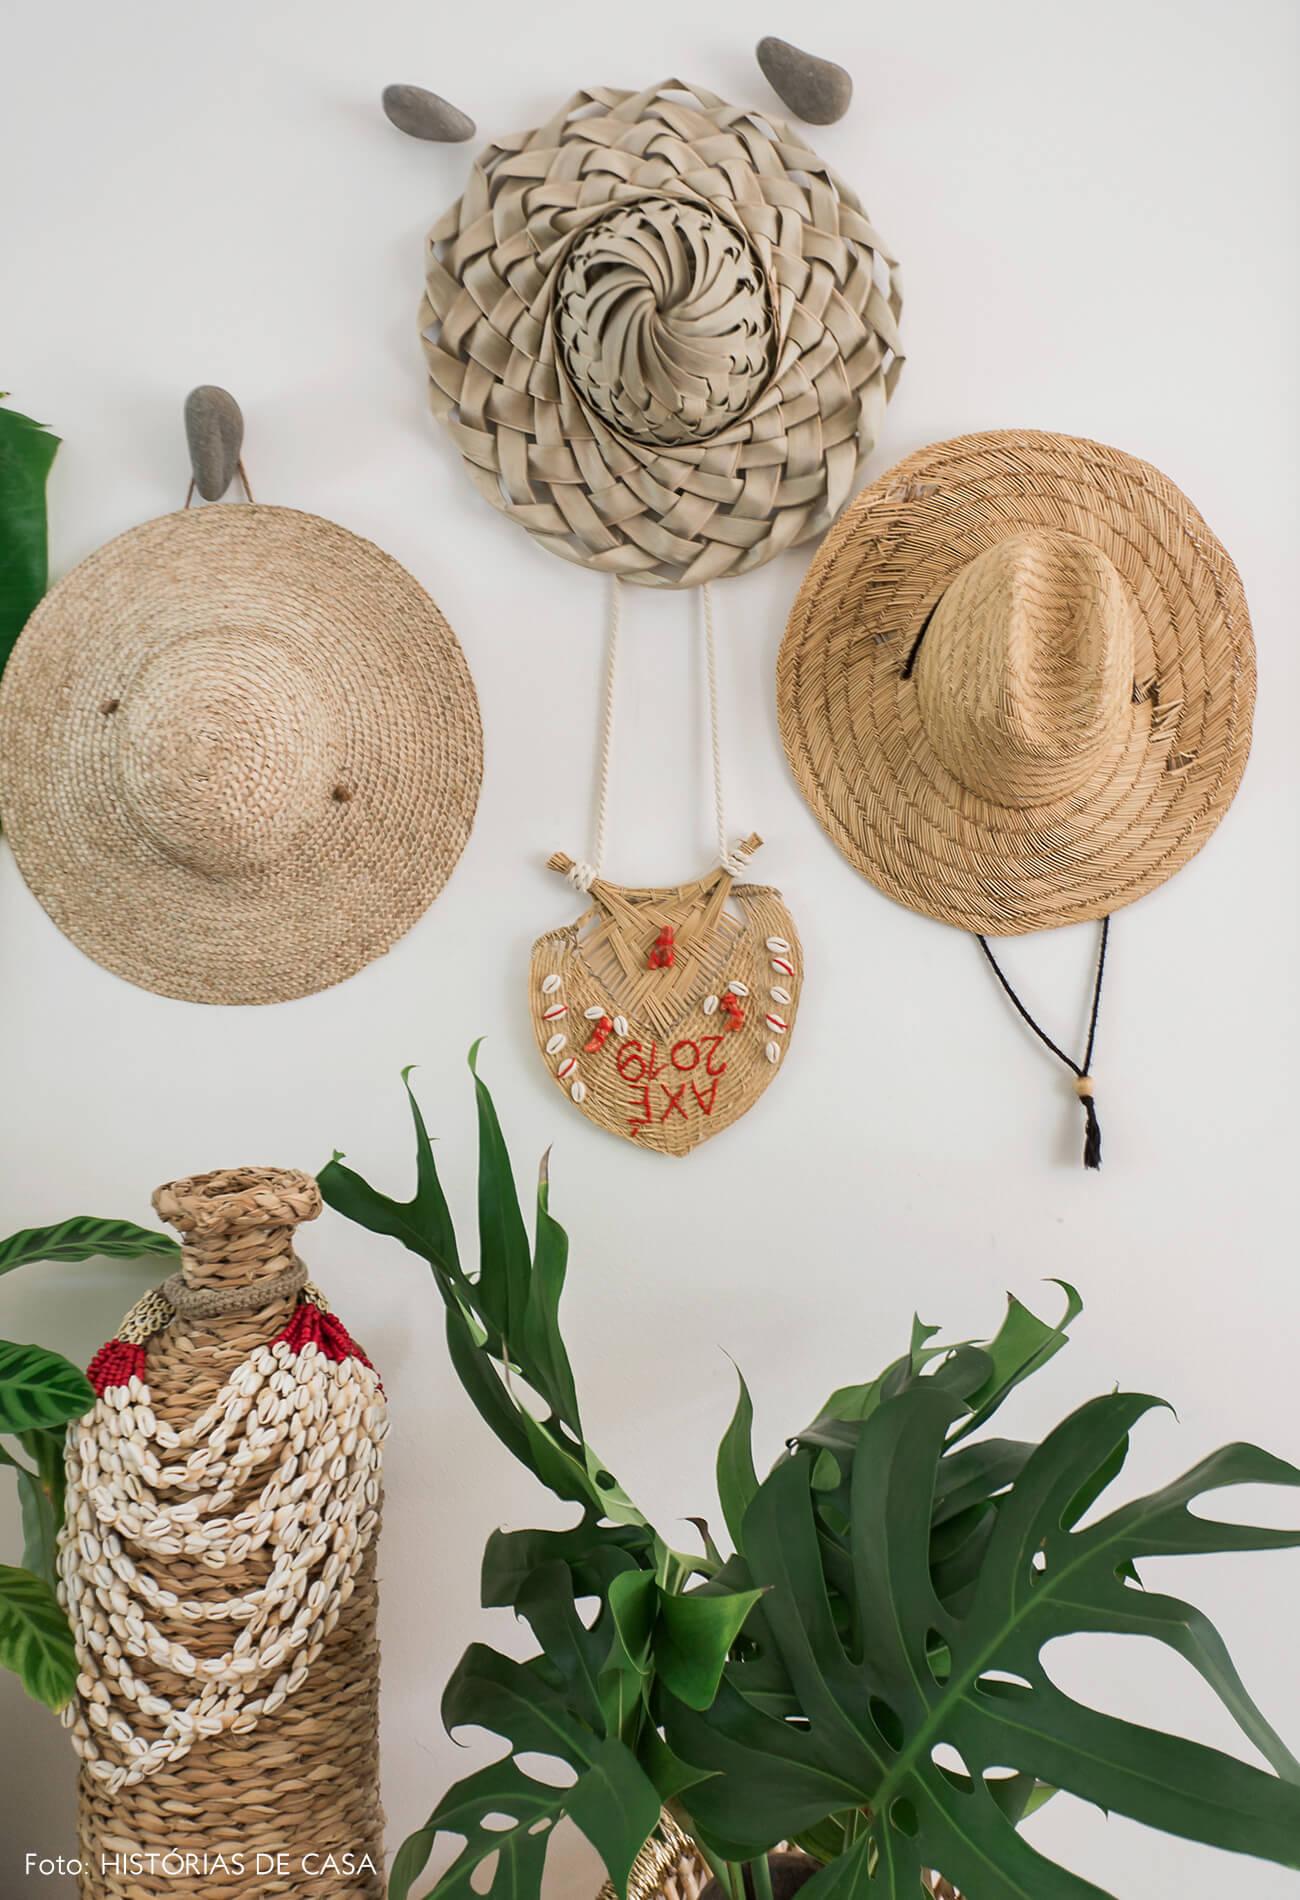 Casa com decoração eclética, cestos e chapéus pendurados na parede